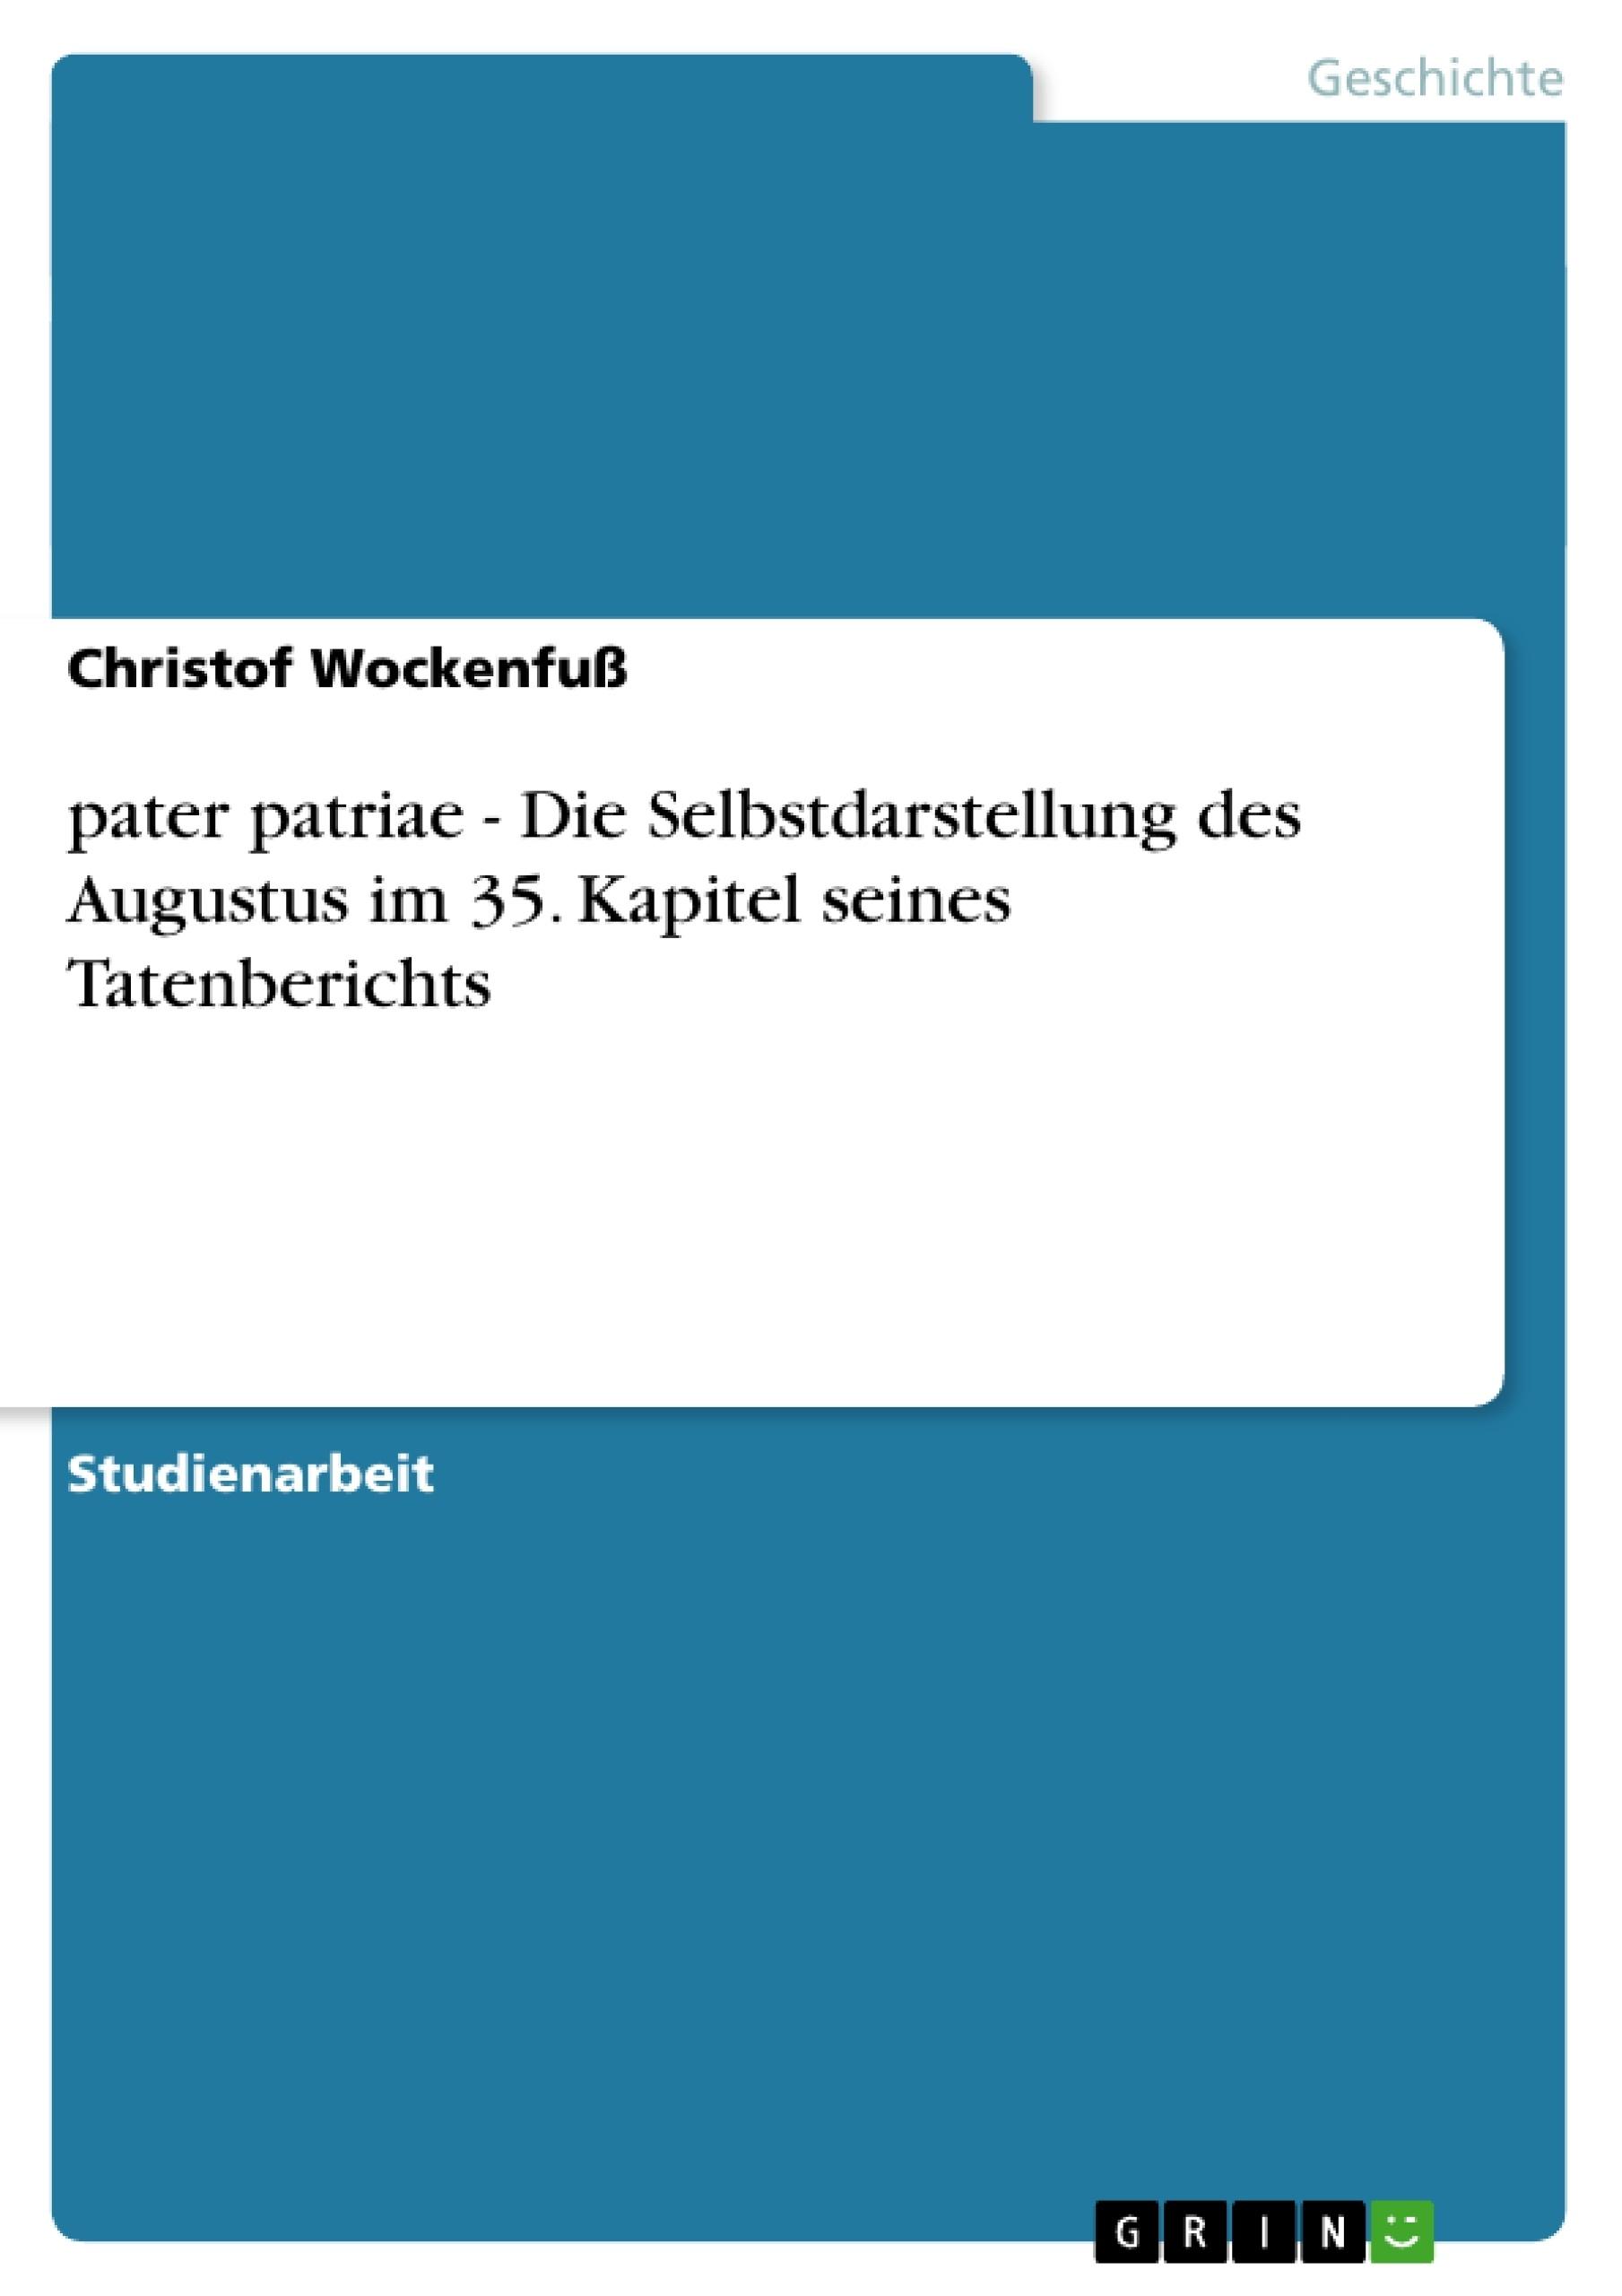 Titel: pater patriae - Die Selbstdarstellung des Augustus im 35. Kapitel seines Tatenberichts